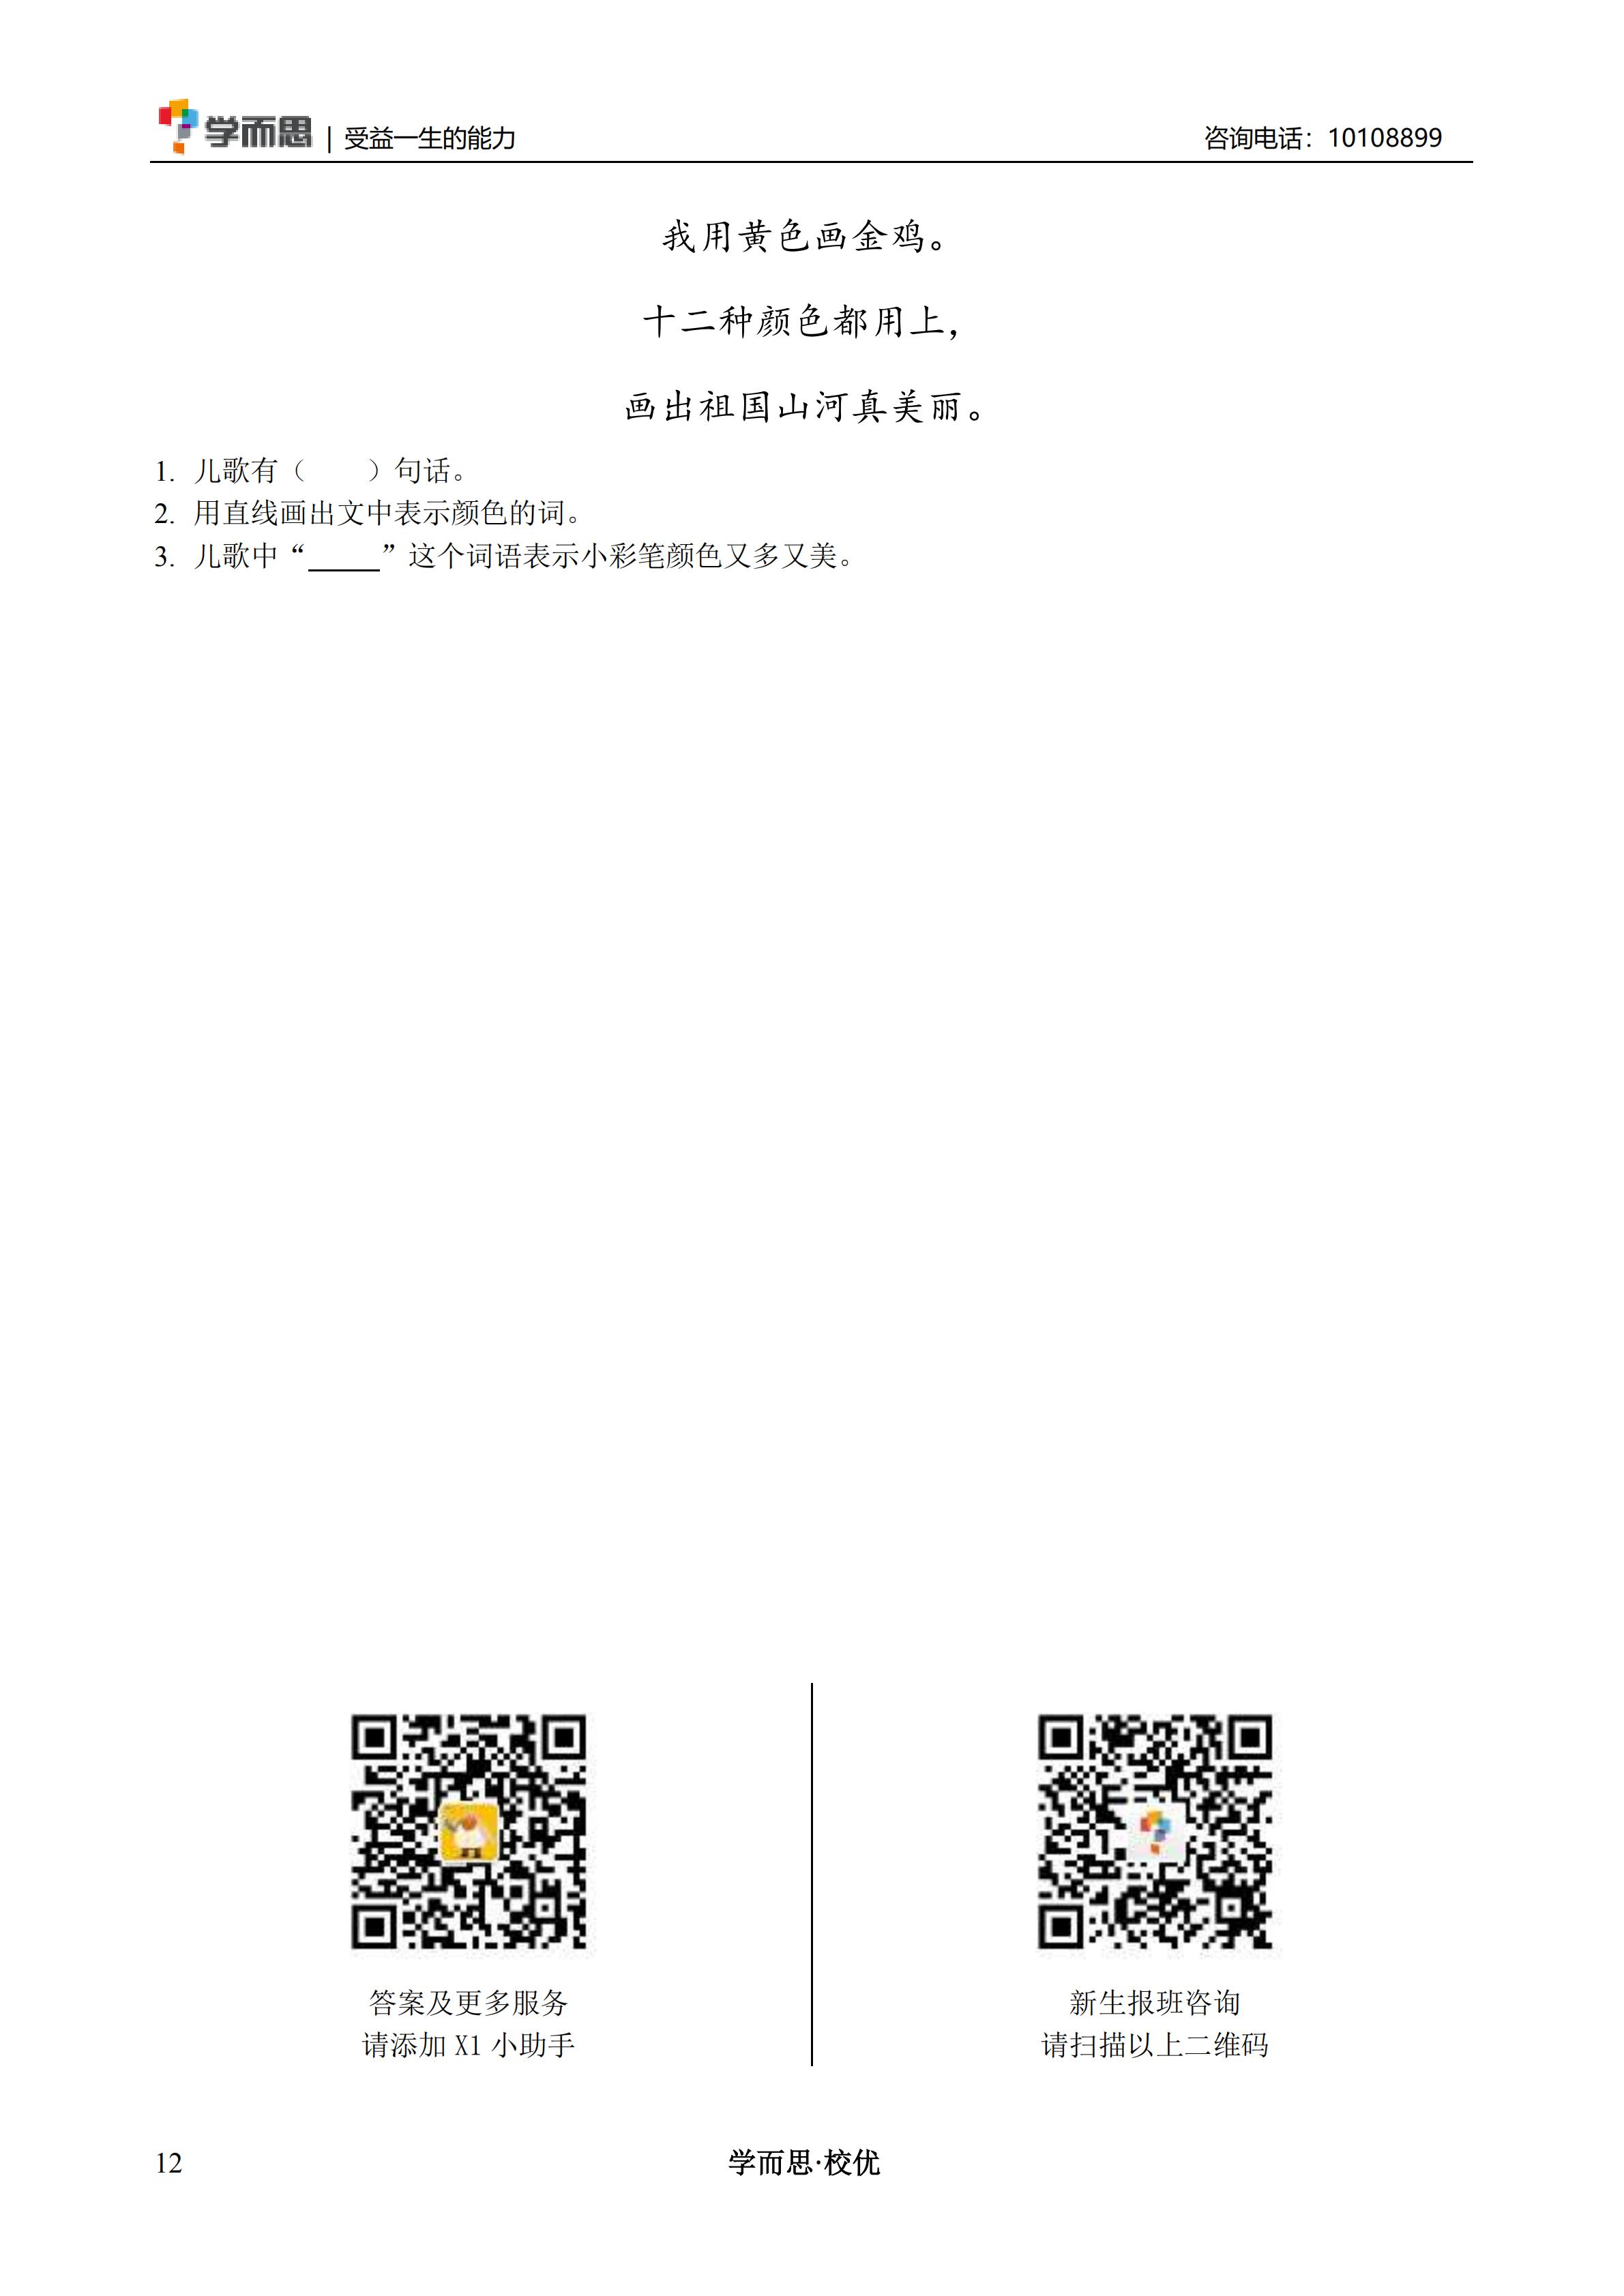 【单元练习】2019春季校内期中复习-一年级-第一单元_11.png